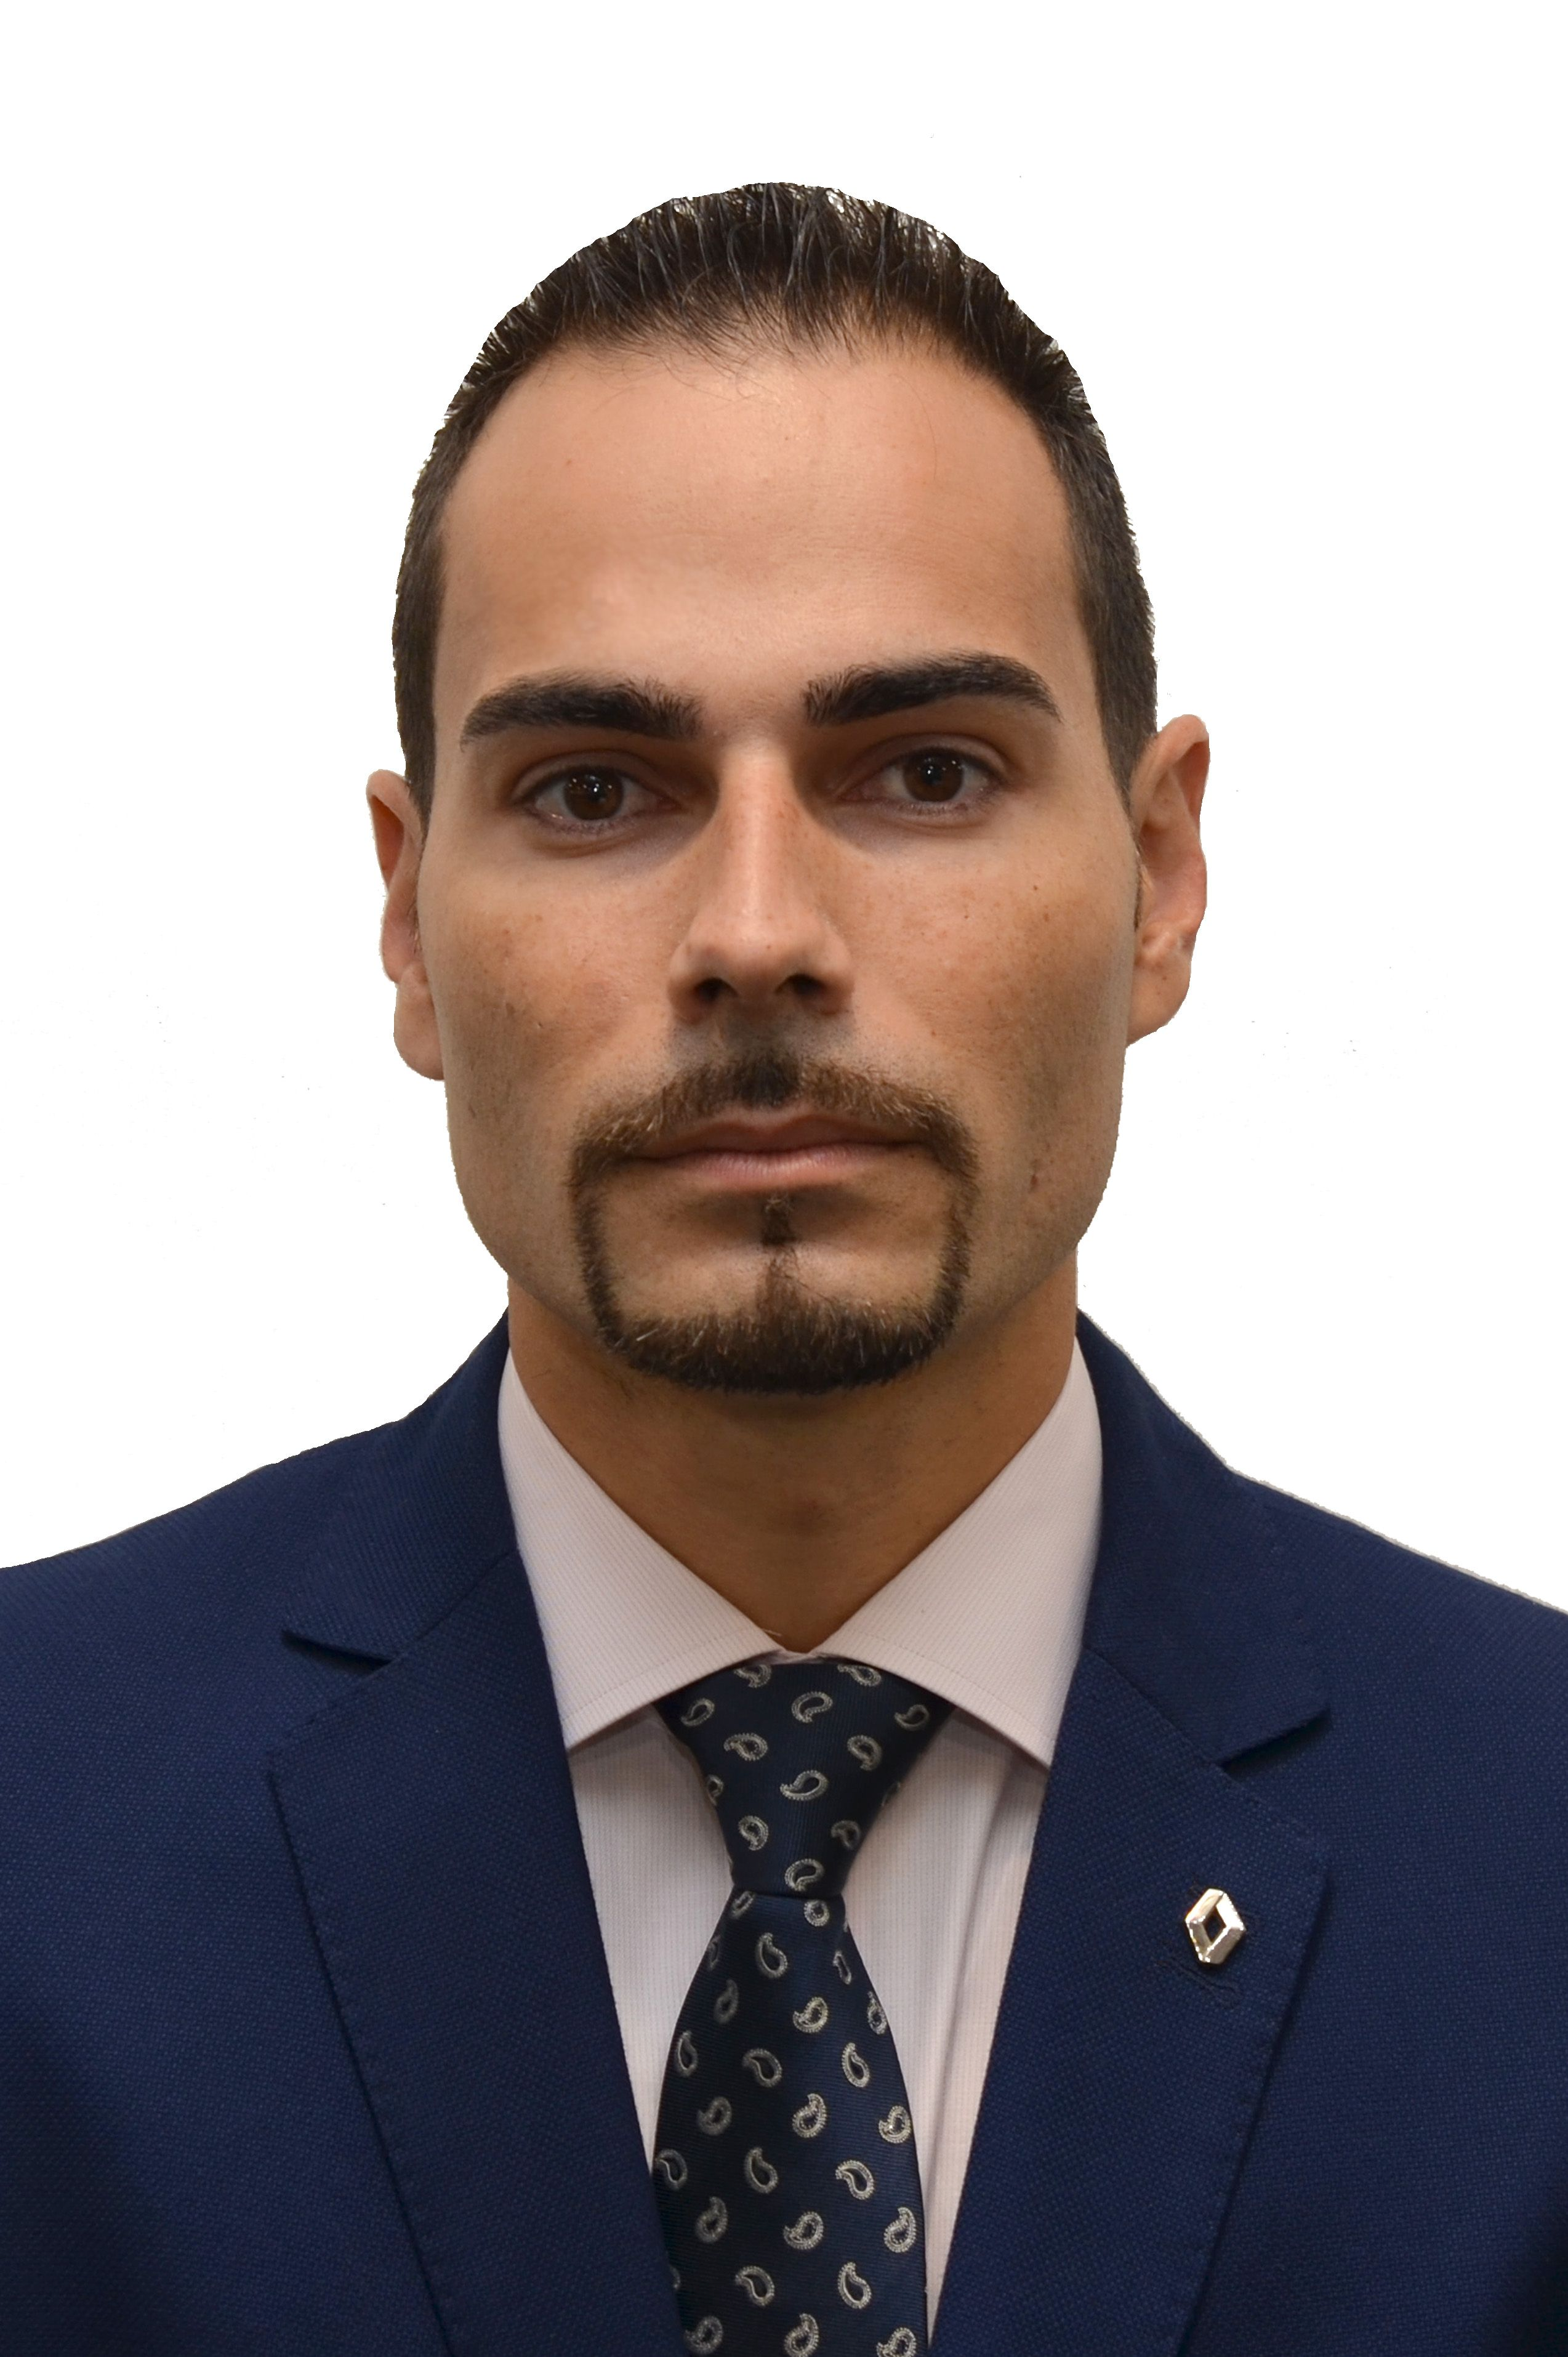 Daniel Rodríguez Rivero